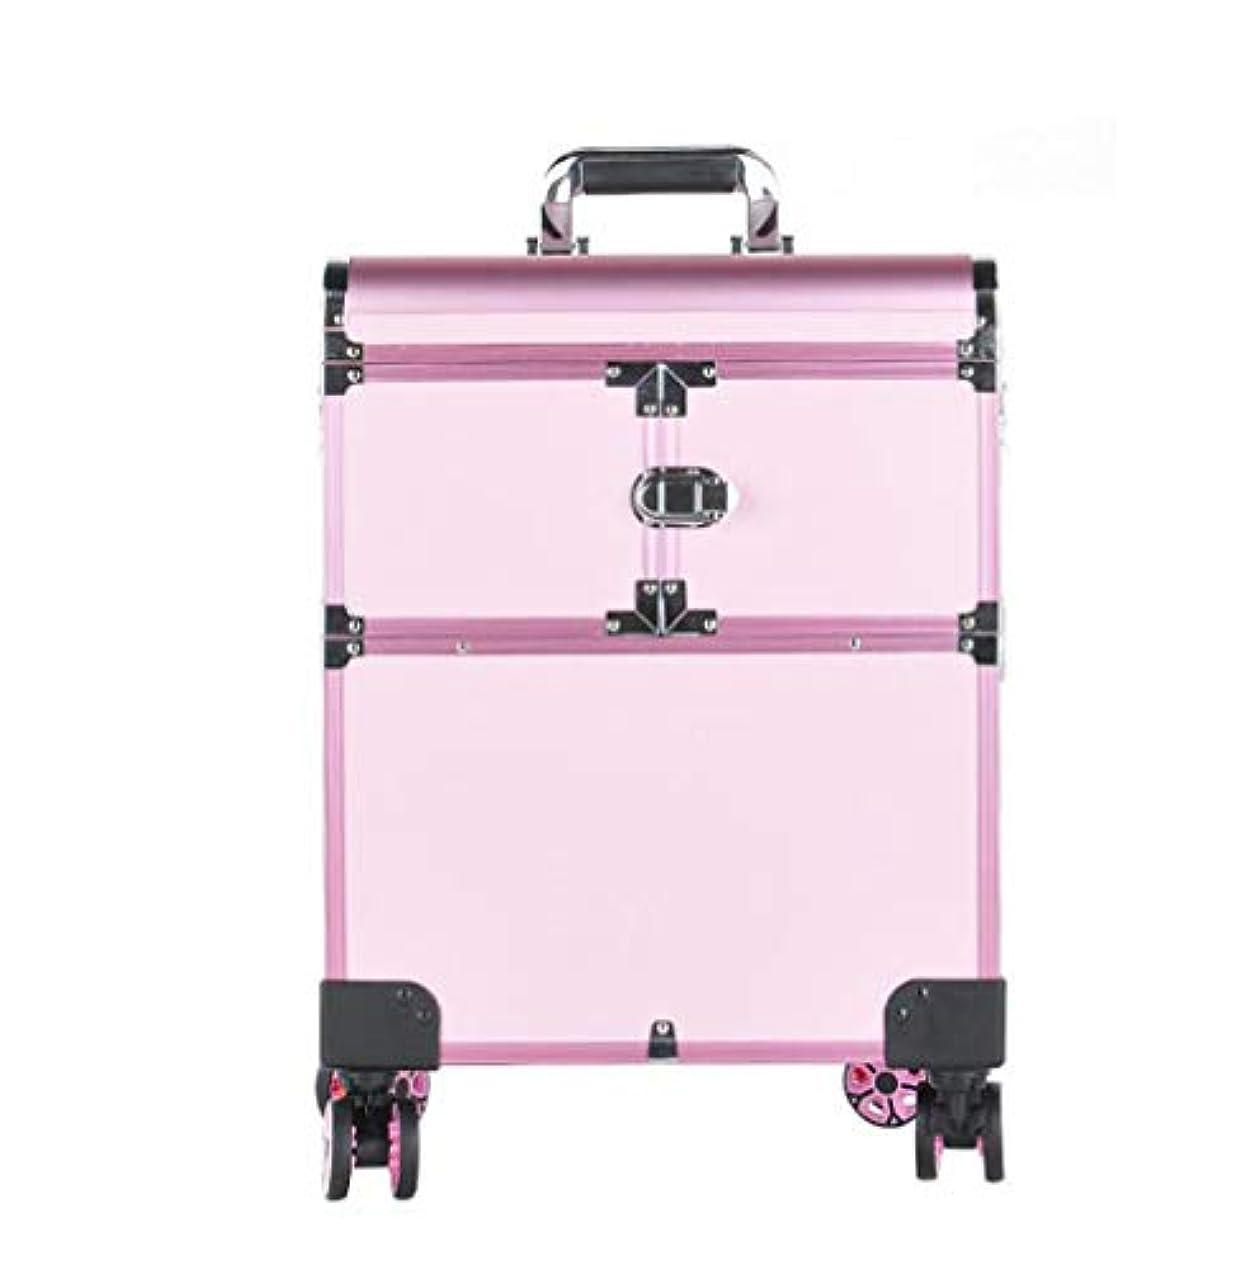 革命ぴったりハシーBUMC 特大化粧列車化粧トロリーケース、多層大容量プロフェッショナル化粧品ポータブルレバーオーガナイザー収納ビューティーボックス,Pink